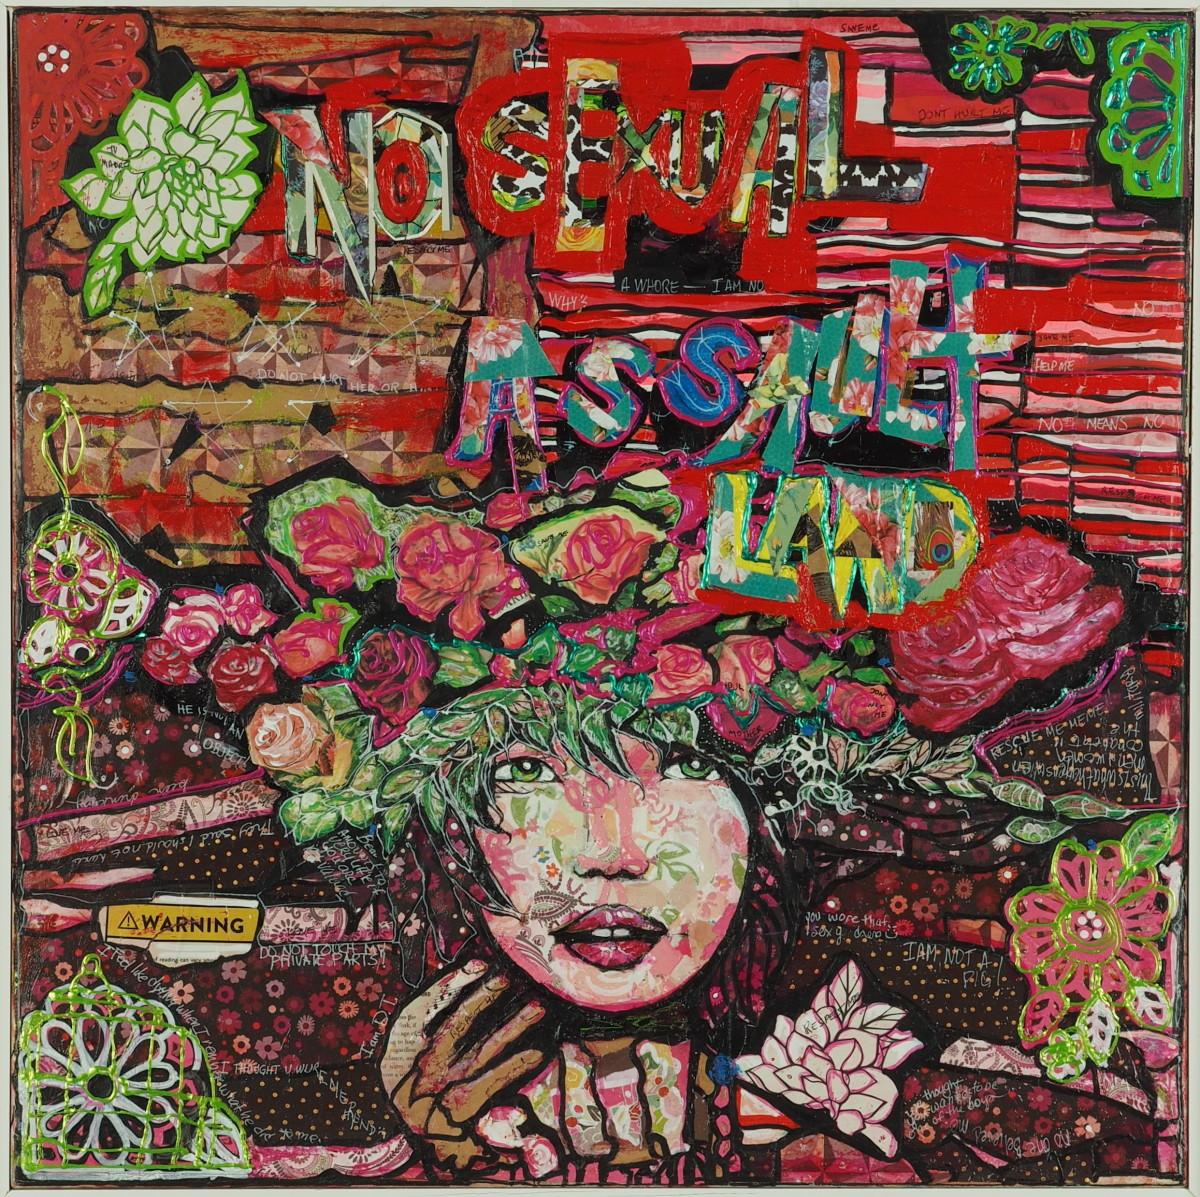 No Sexual Assault Land by Judith Estrada Garcia